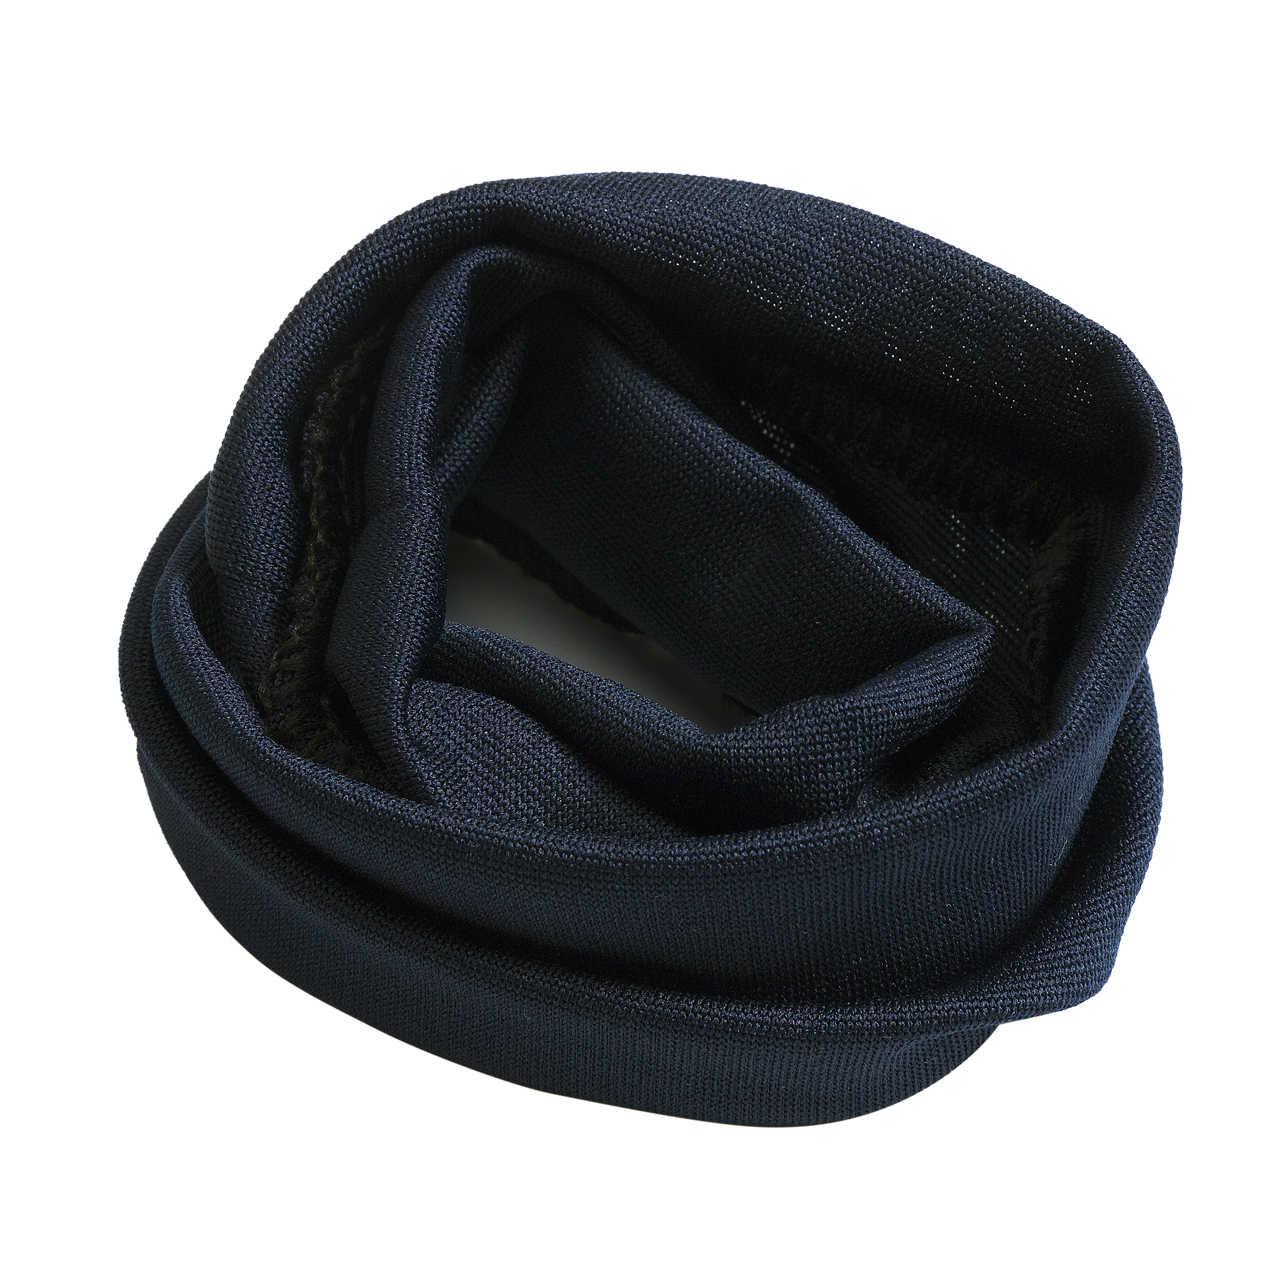 男性女性ユニセックスヘッドバンドスポーツヘアバンド固体よく弾性ファッションシンプルな帽子ホット